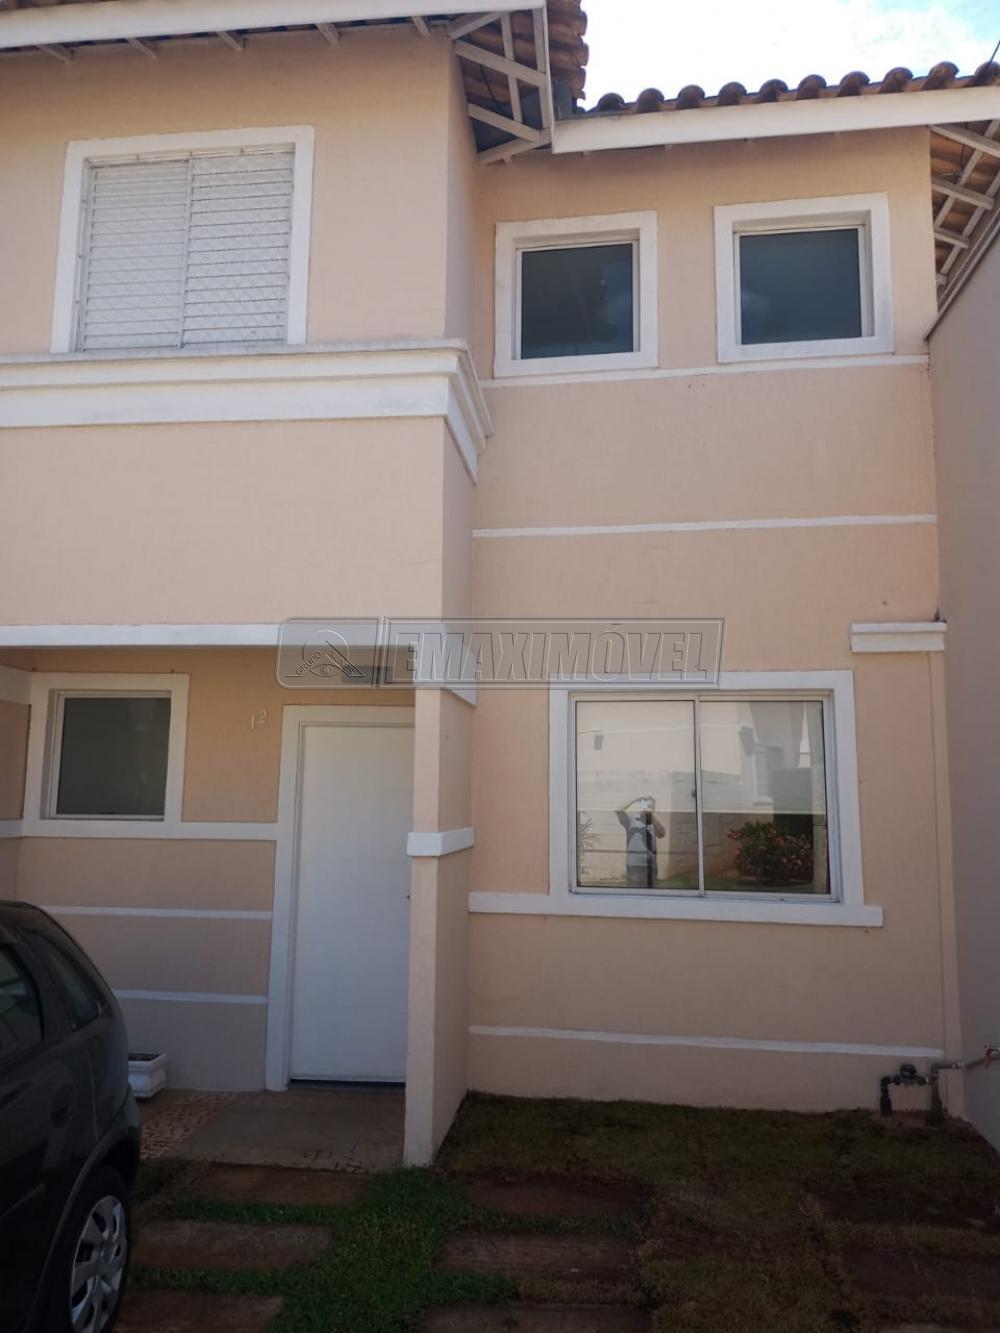 Comprar Casa / em Condomínios em Sorocaba R$ 500.000,00 - Foto 1